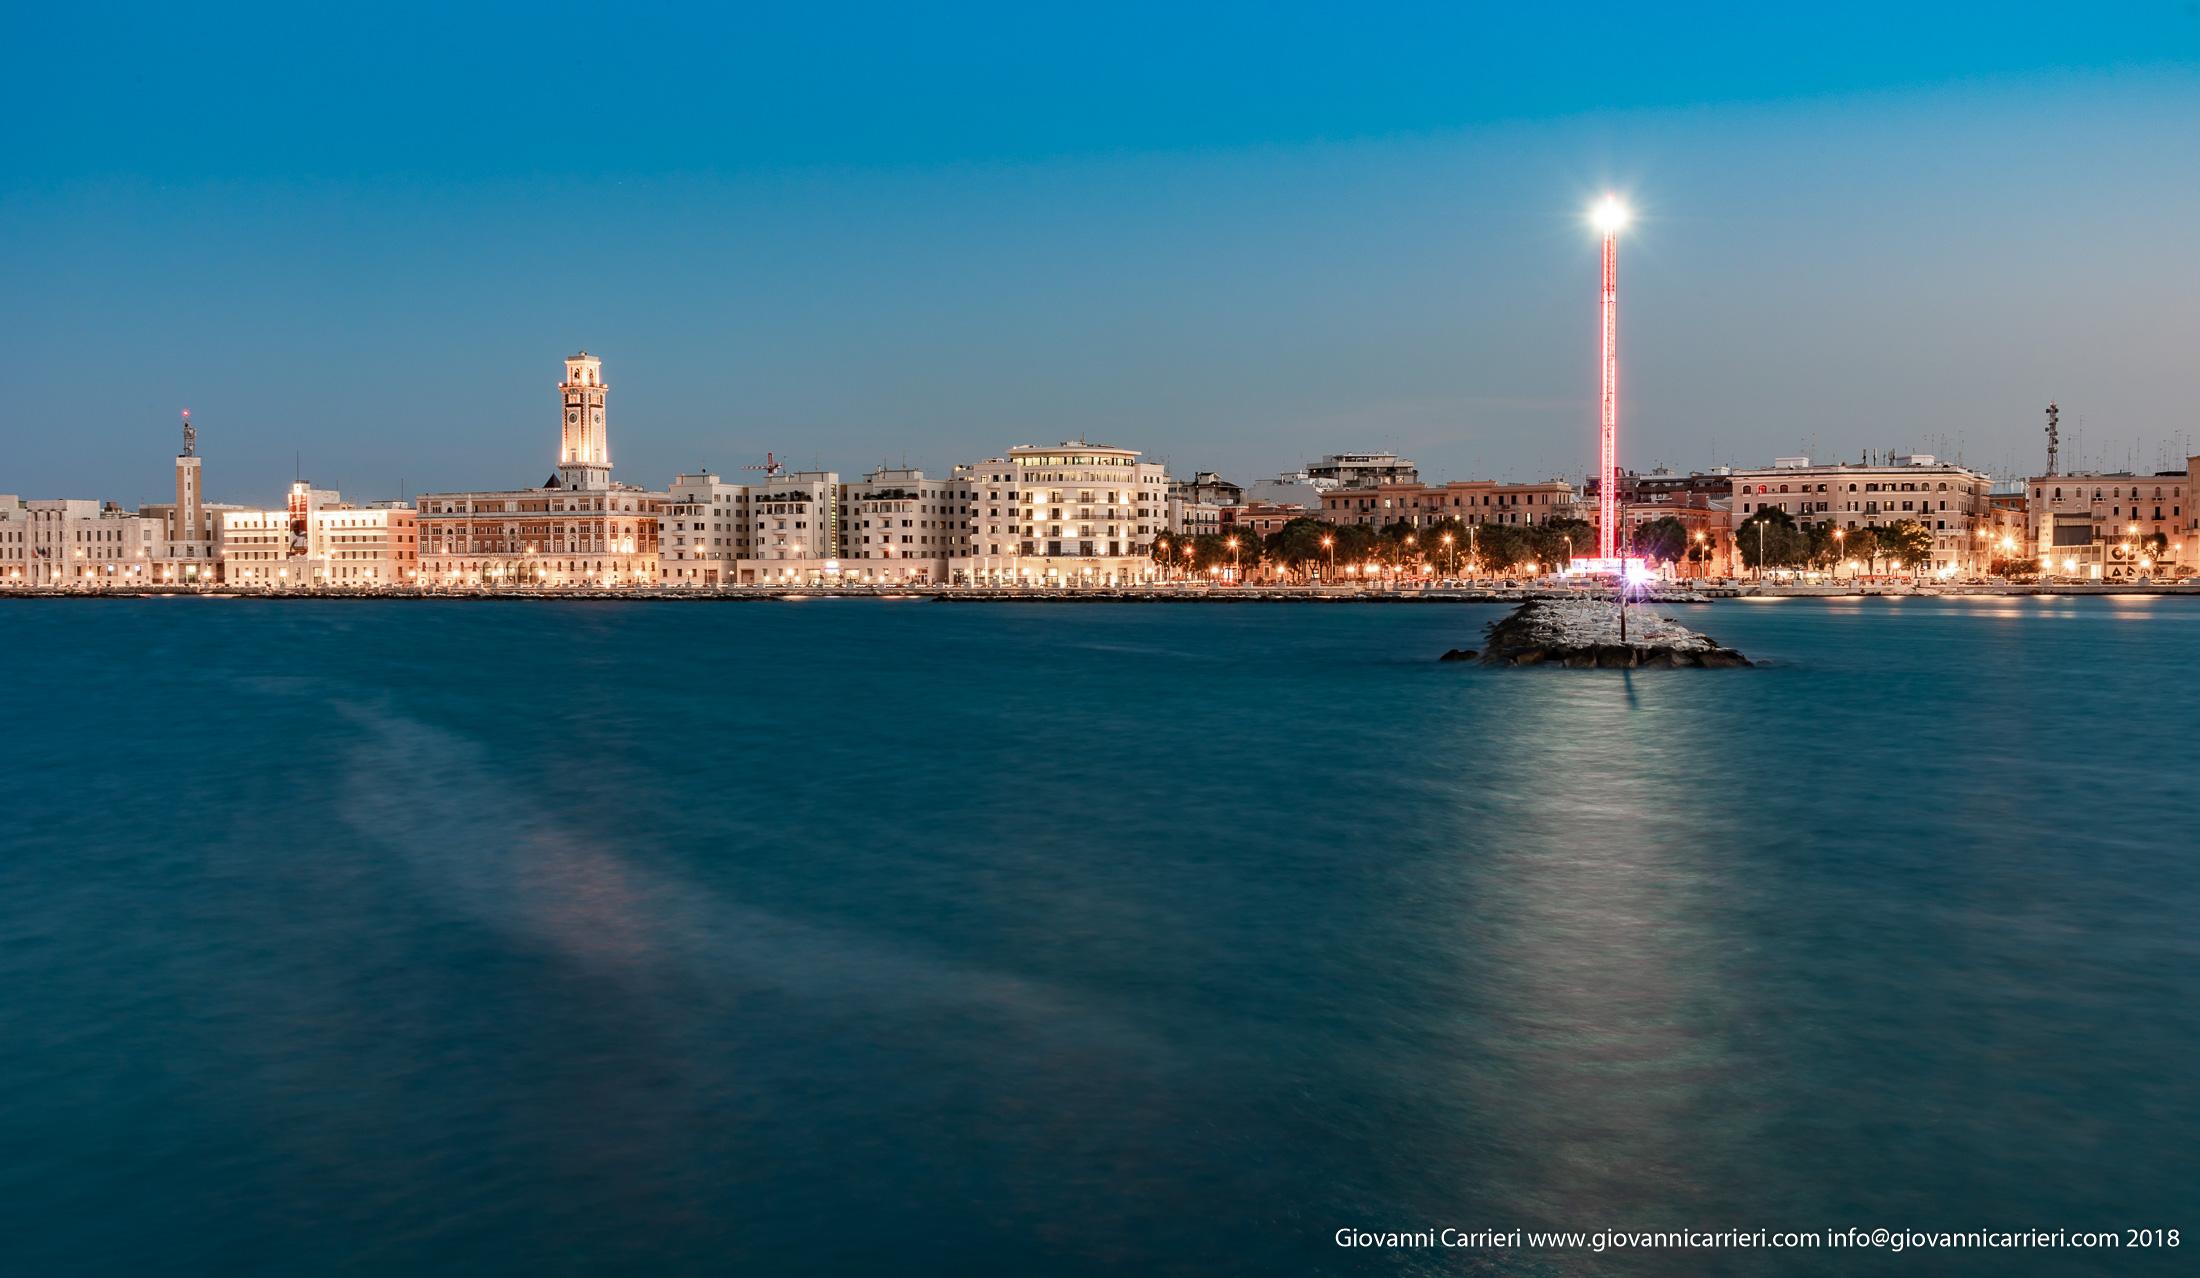 La torre panoramica installata a Bari in largo Giannella